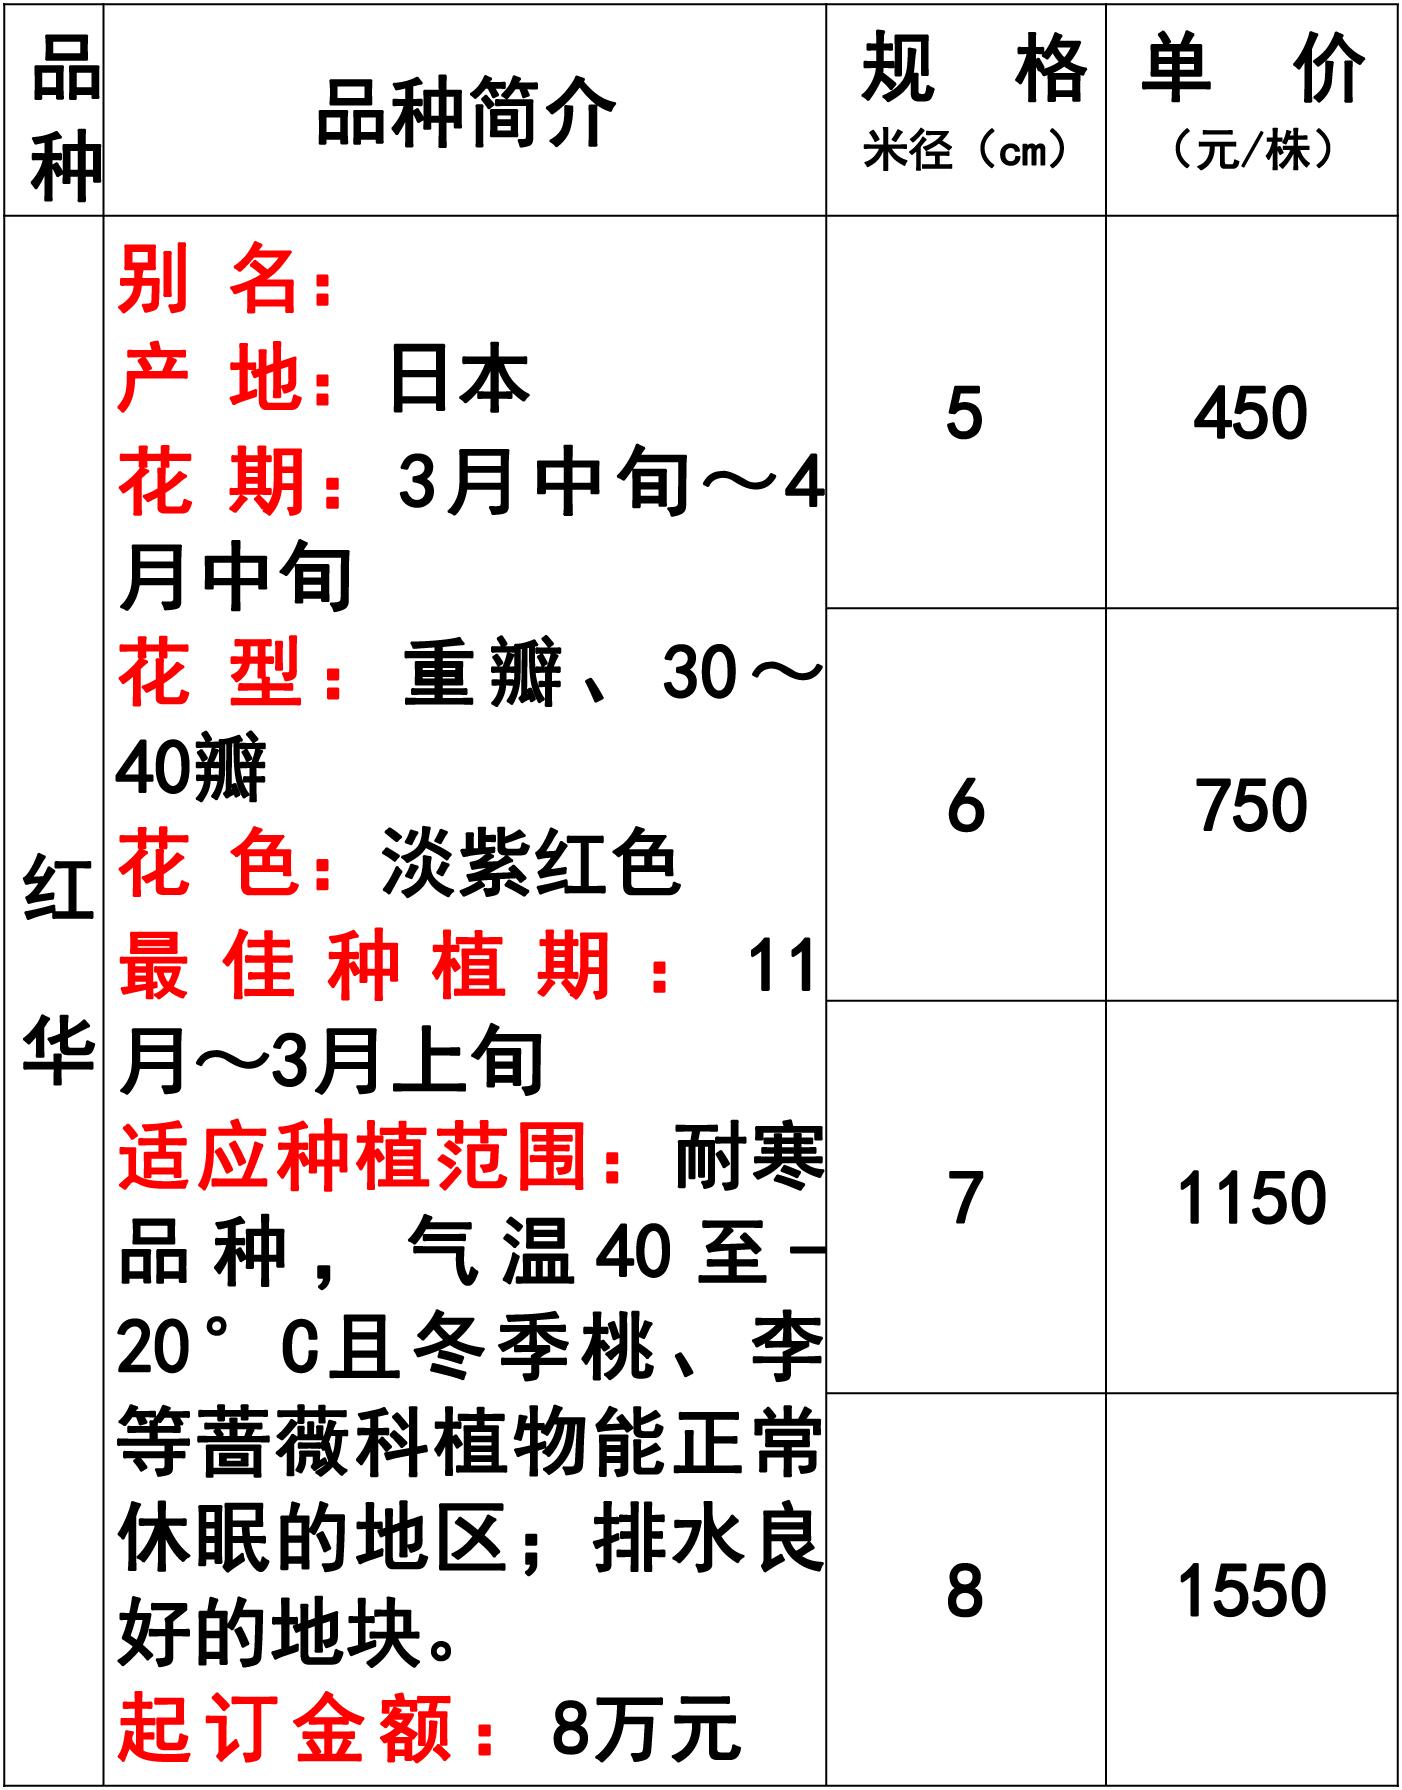 网站价格表-44 副本.jpg